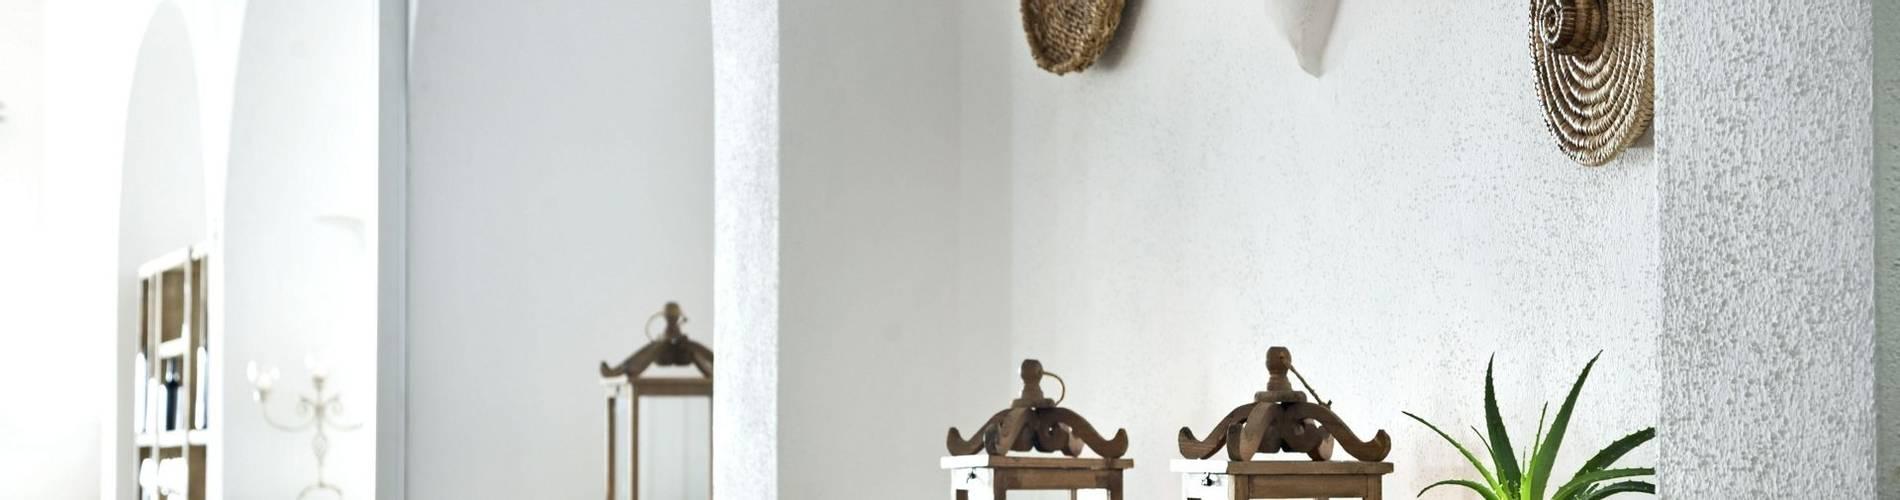 The White Restaurant - Gabbiano Azzurro Hotel _ Suites 4.jpg